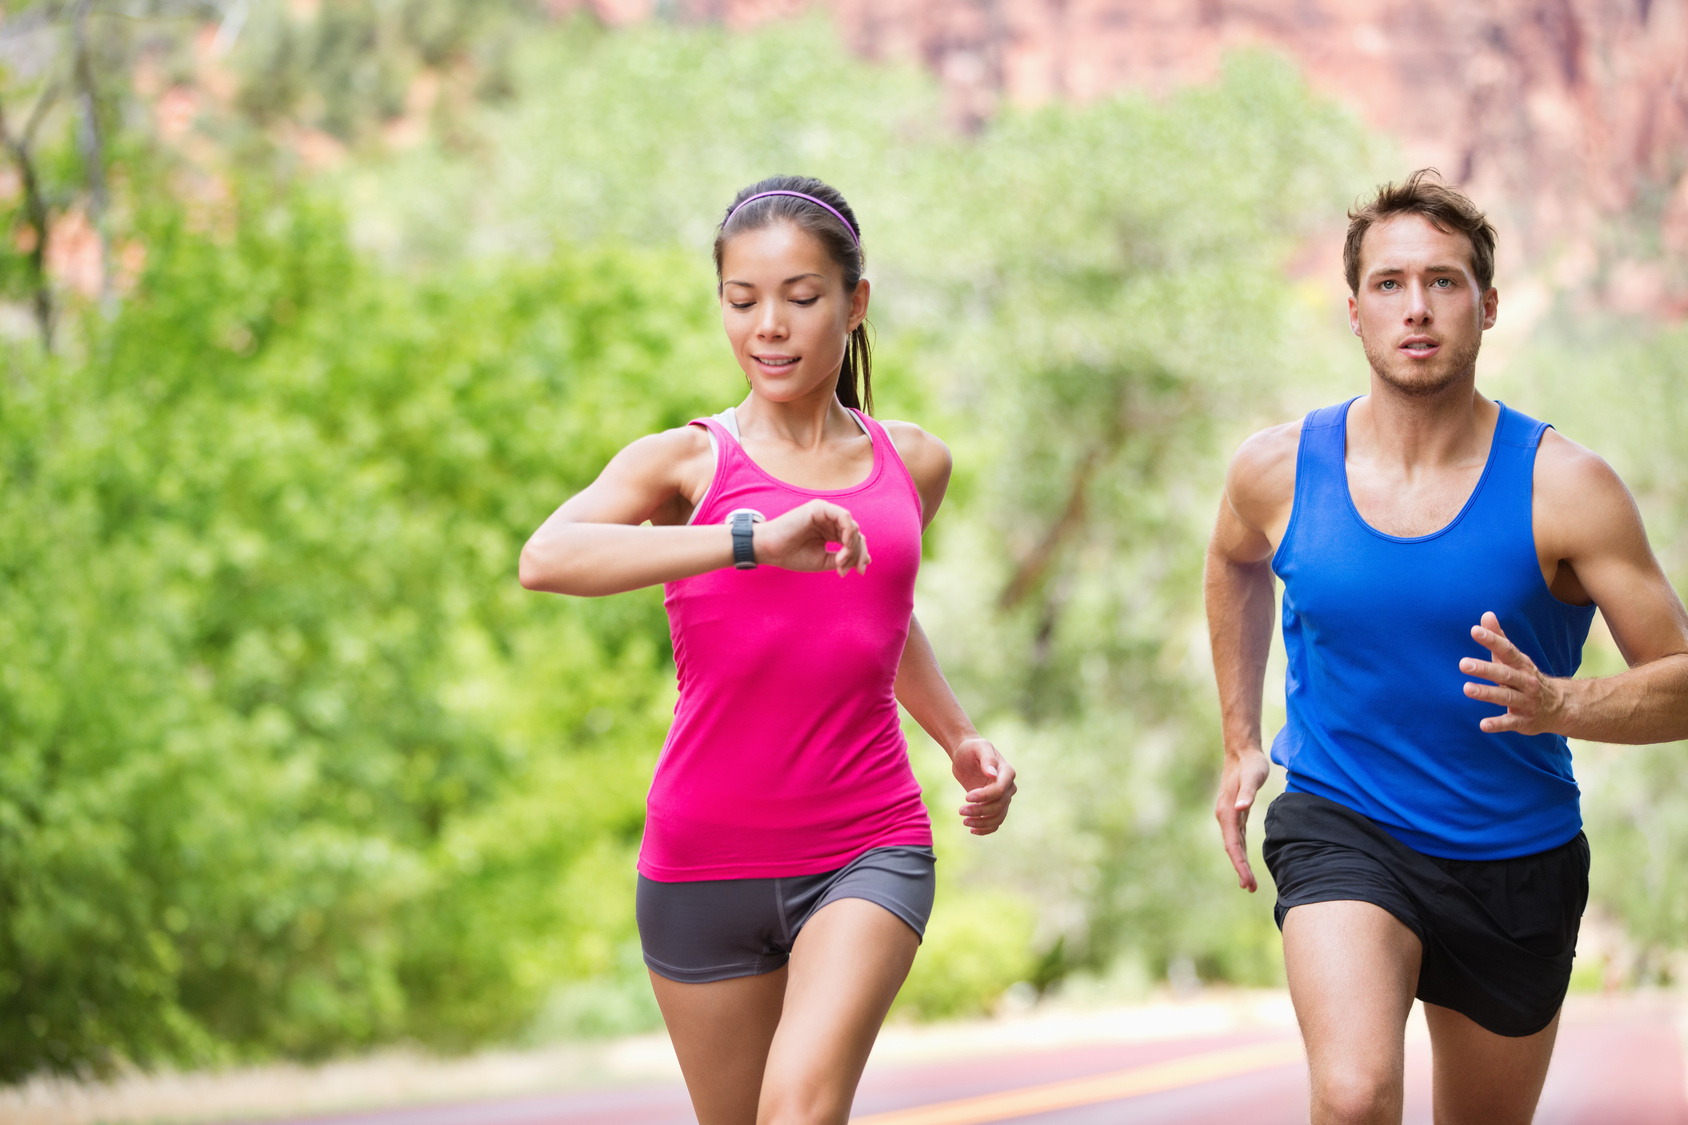 Motywacja do ćwiczeń - skąd ją wziąć?